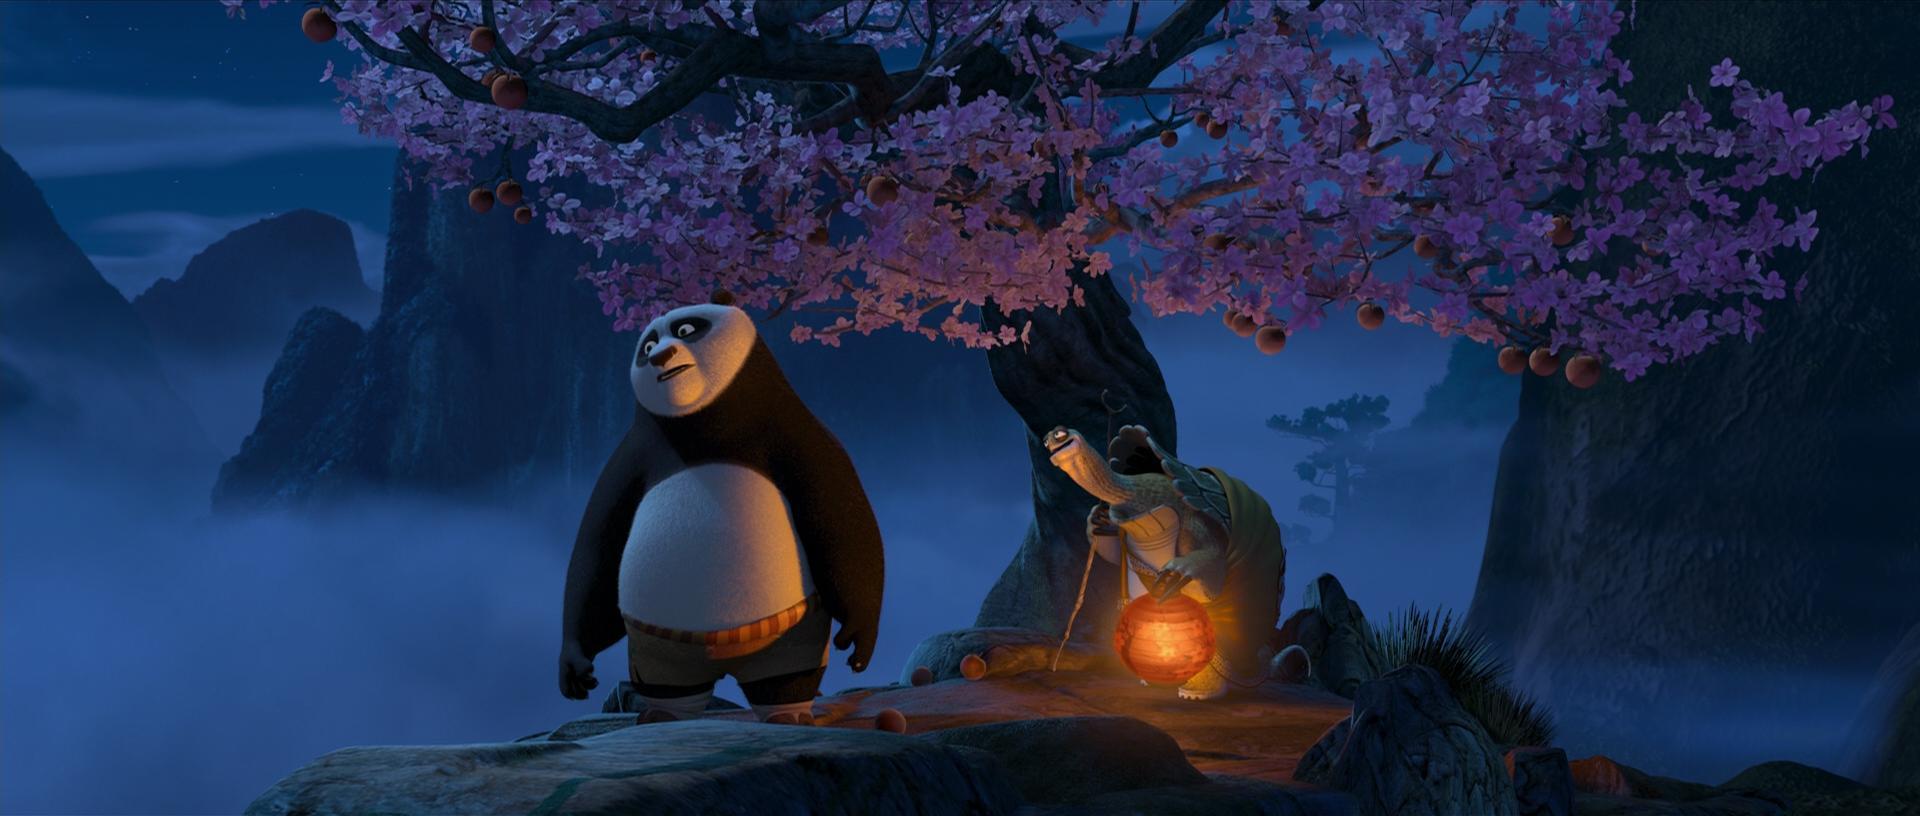 kung fu panda 2 baby po flashback